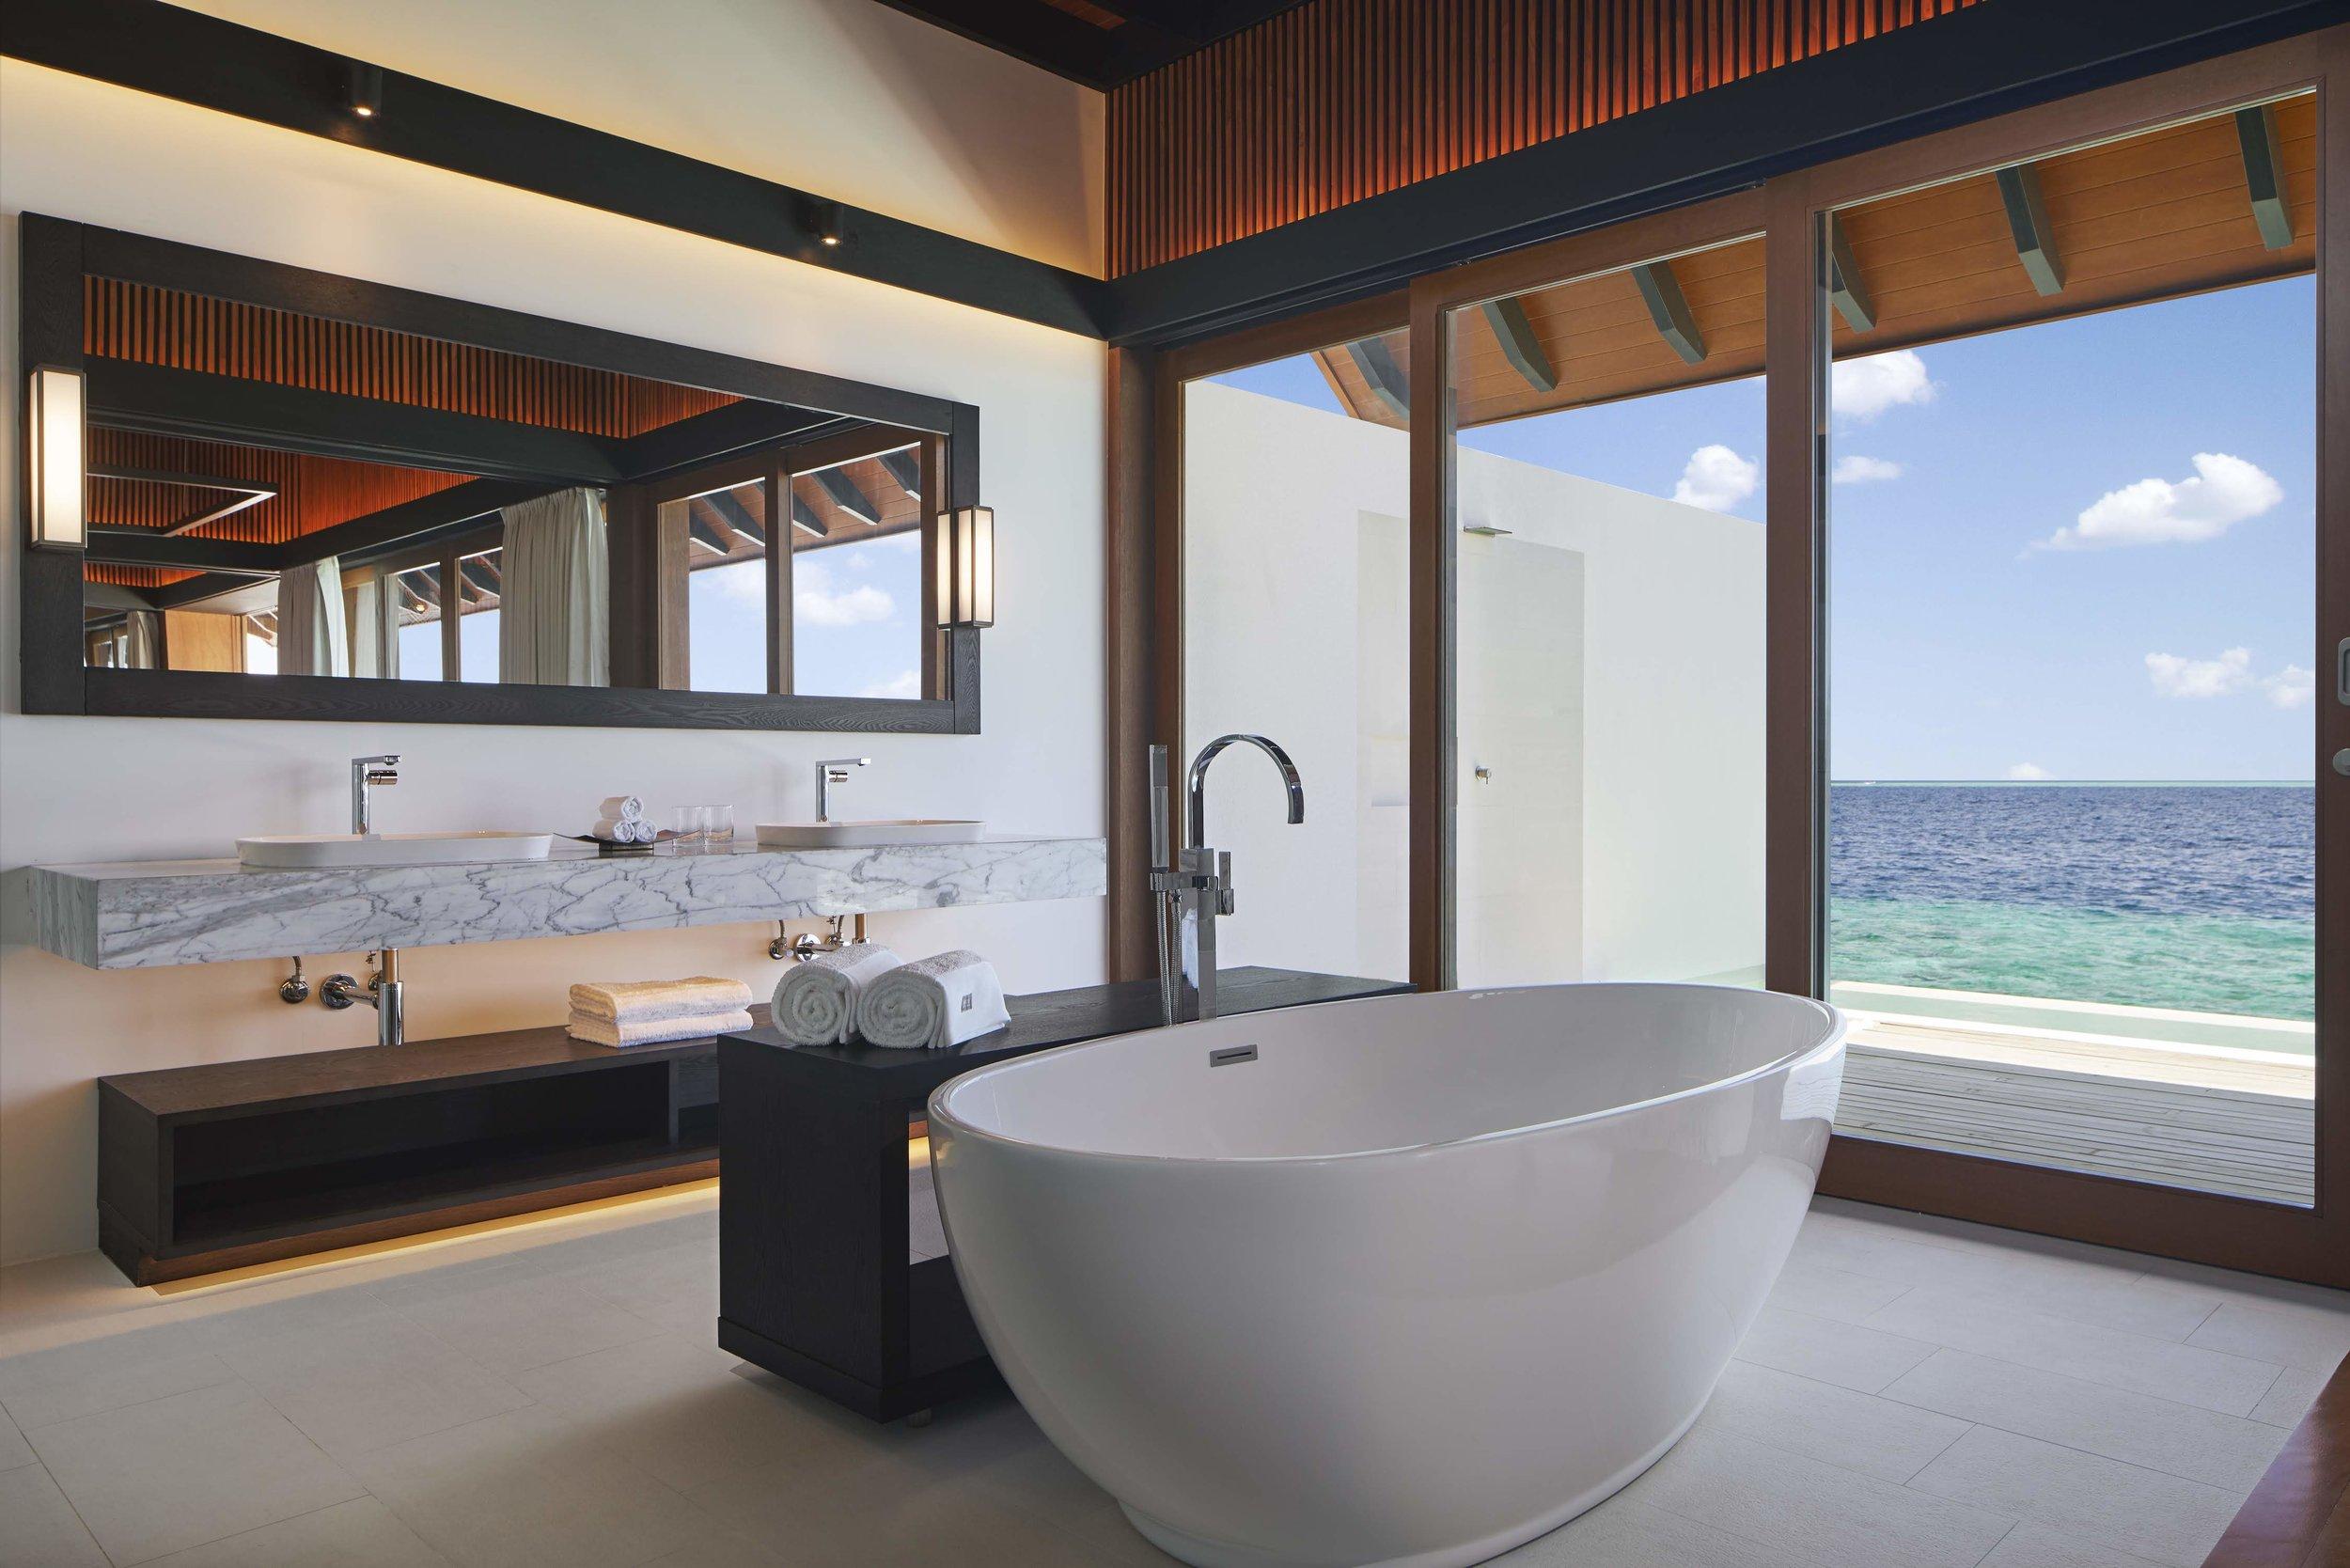 The_Westin_Maldives_Overwater_Suite_Pool_Bathroom[1].jpg